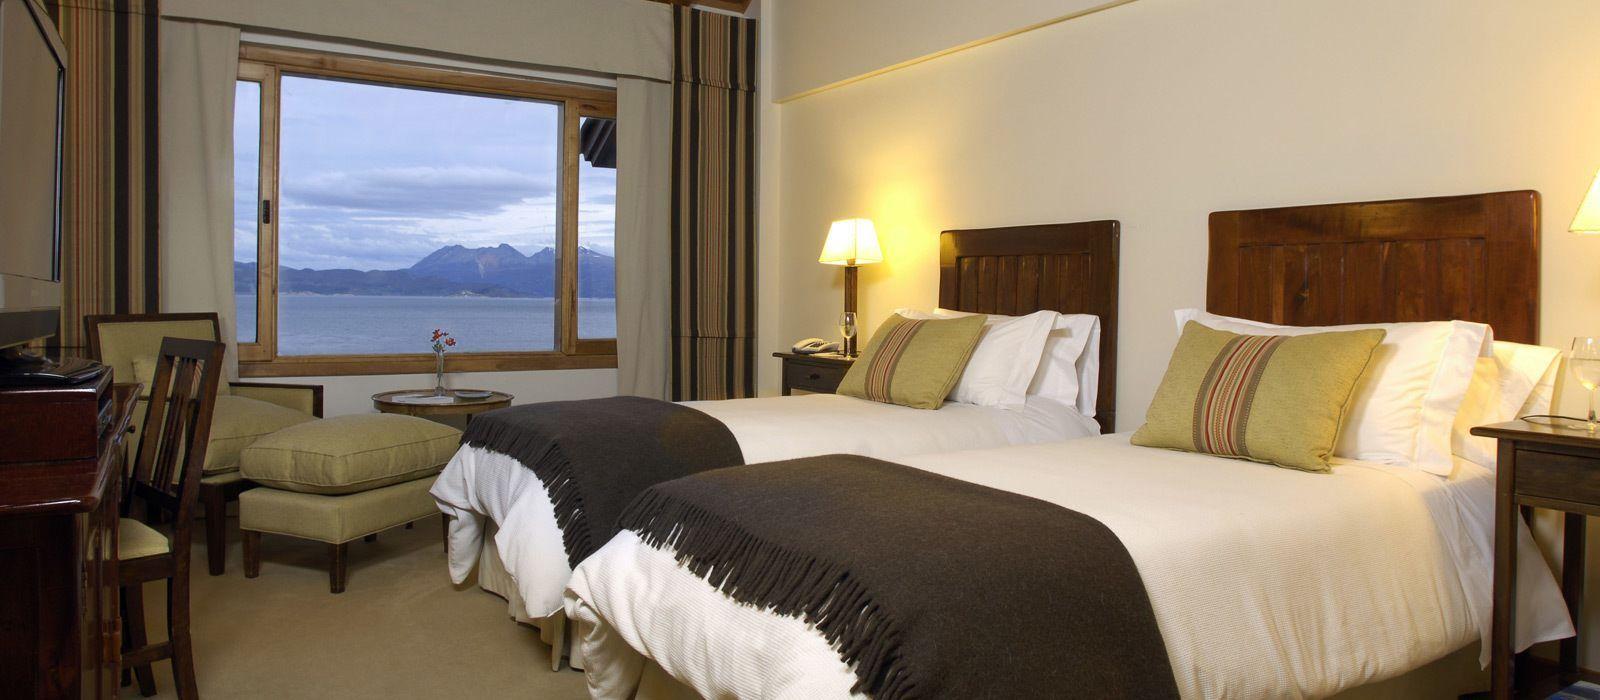 Hotel Los Cauquenes Argentinien